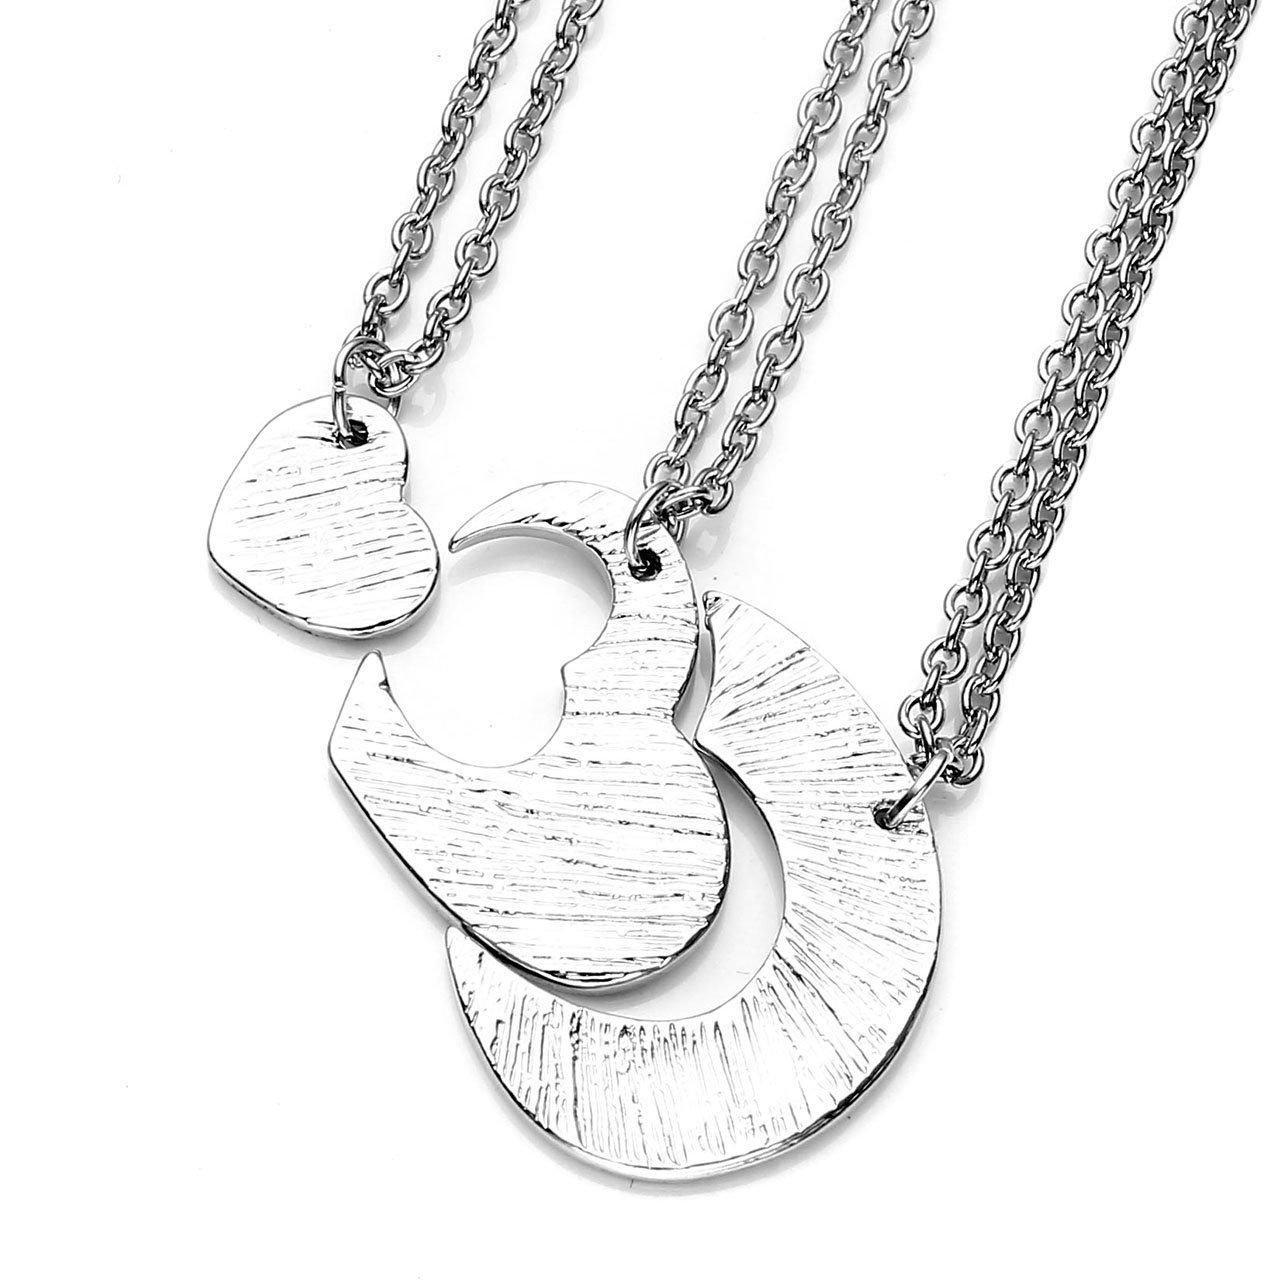 PiercingJ - 3PCS Bijoux Collier Pendentif Puzzle Coeur Detachable Separable Sœur Sister Amitié Familier Alliage Avec 3 Chaines de Fer Argent